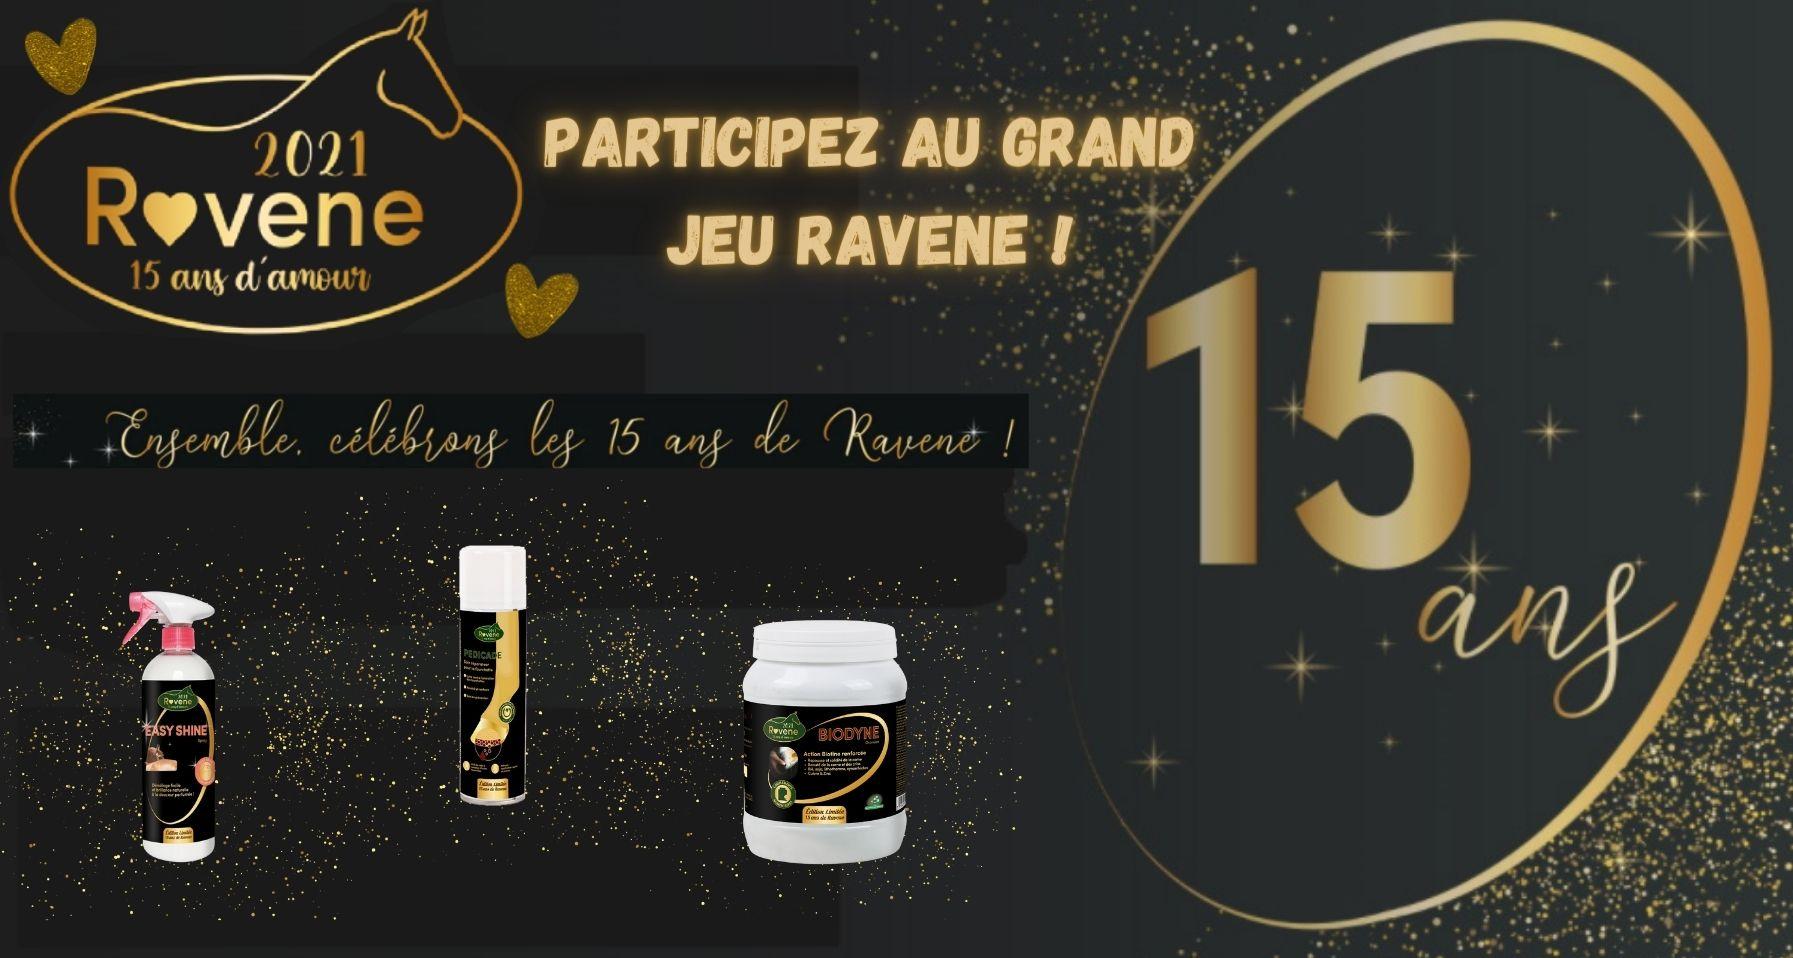 Grand jeu anniversaire 15 ans Ravene - Equestra